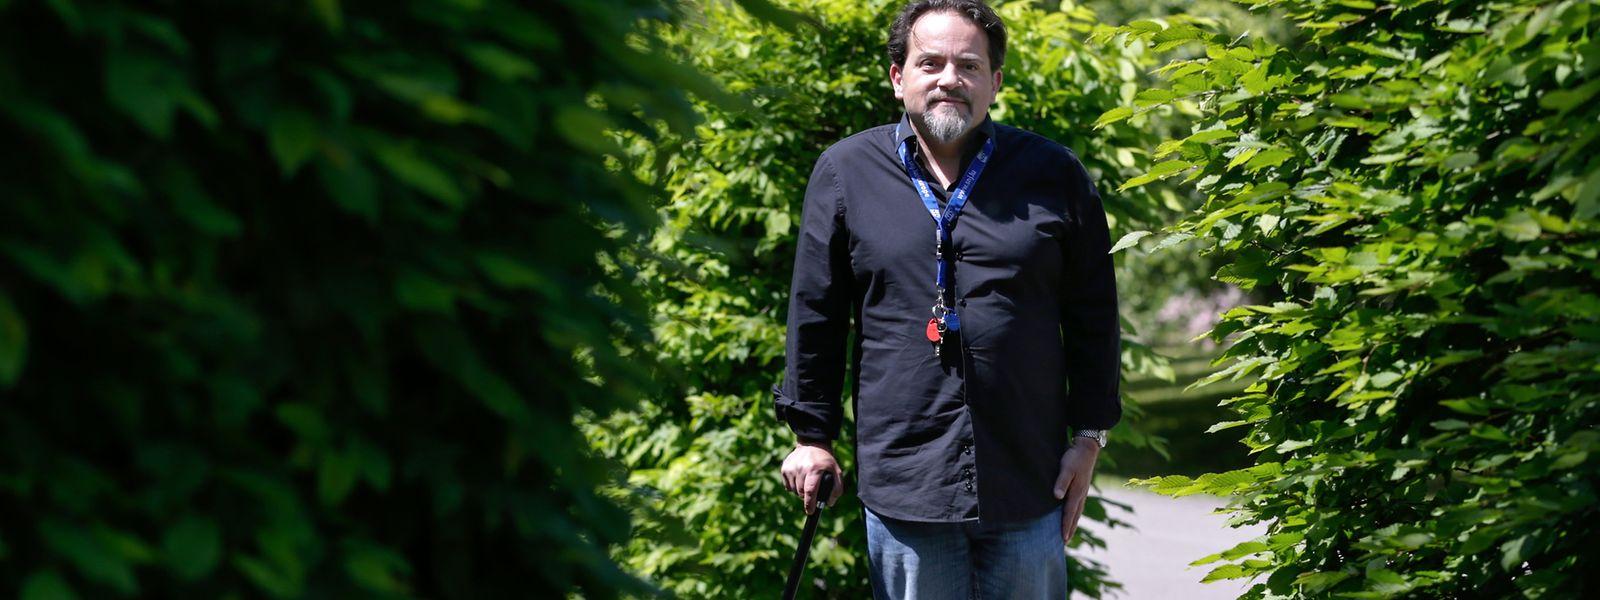 """Fast zweieinhalb Jahre saß Davi Epifanio, 46 Jahre alt, quasi nur im Rollstuhl. Heute schafft er es wieder, kurze Distanzen zu gehen. Den Moment, als er erstmals wieder aufstand, wird er nie wieder vergessen: """"Es war genial. Wir haben es sogar gefilmt."""""""